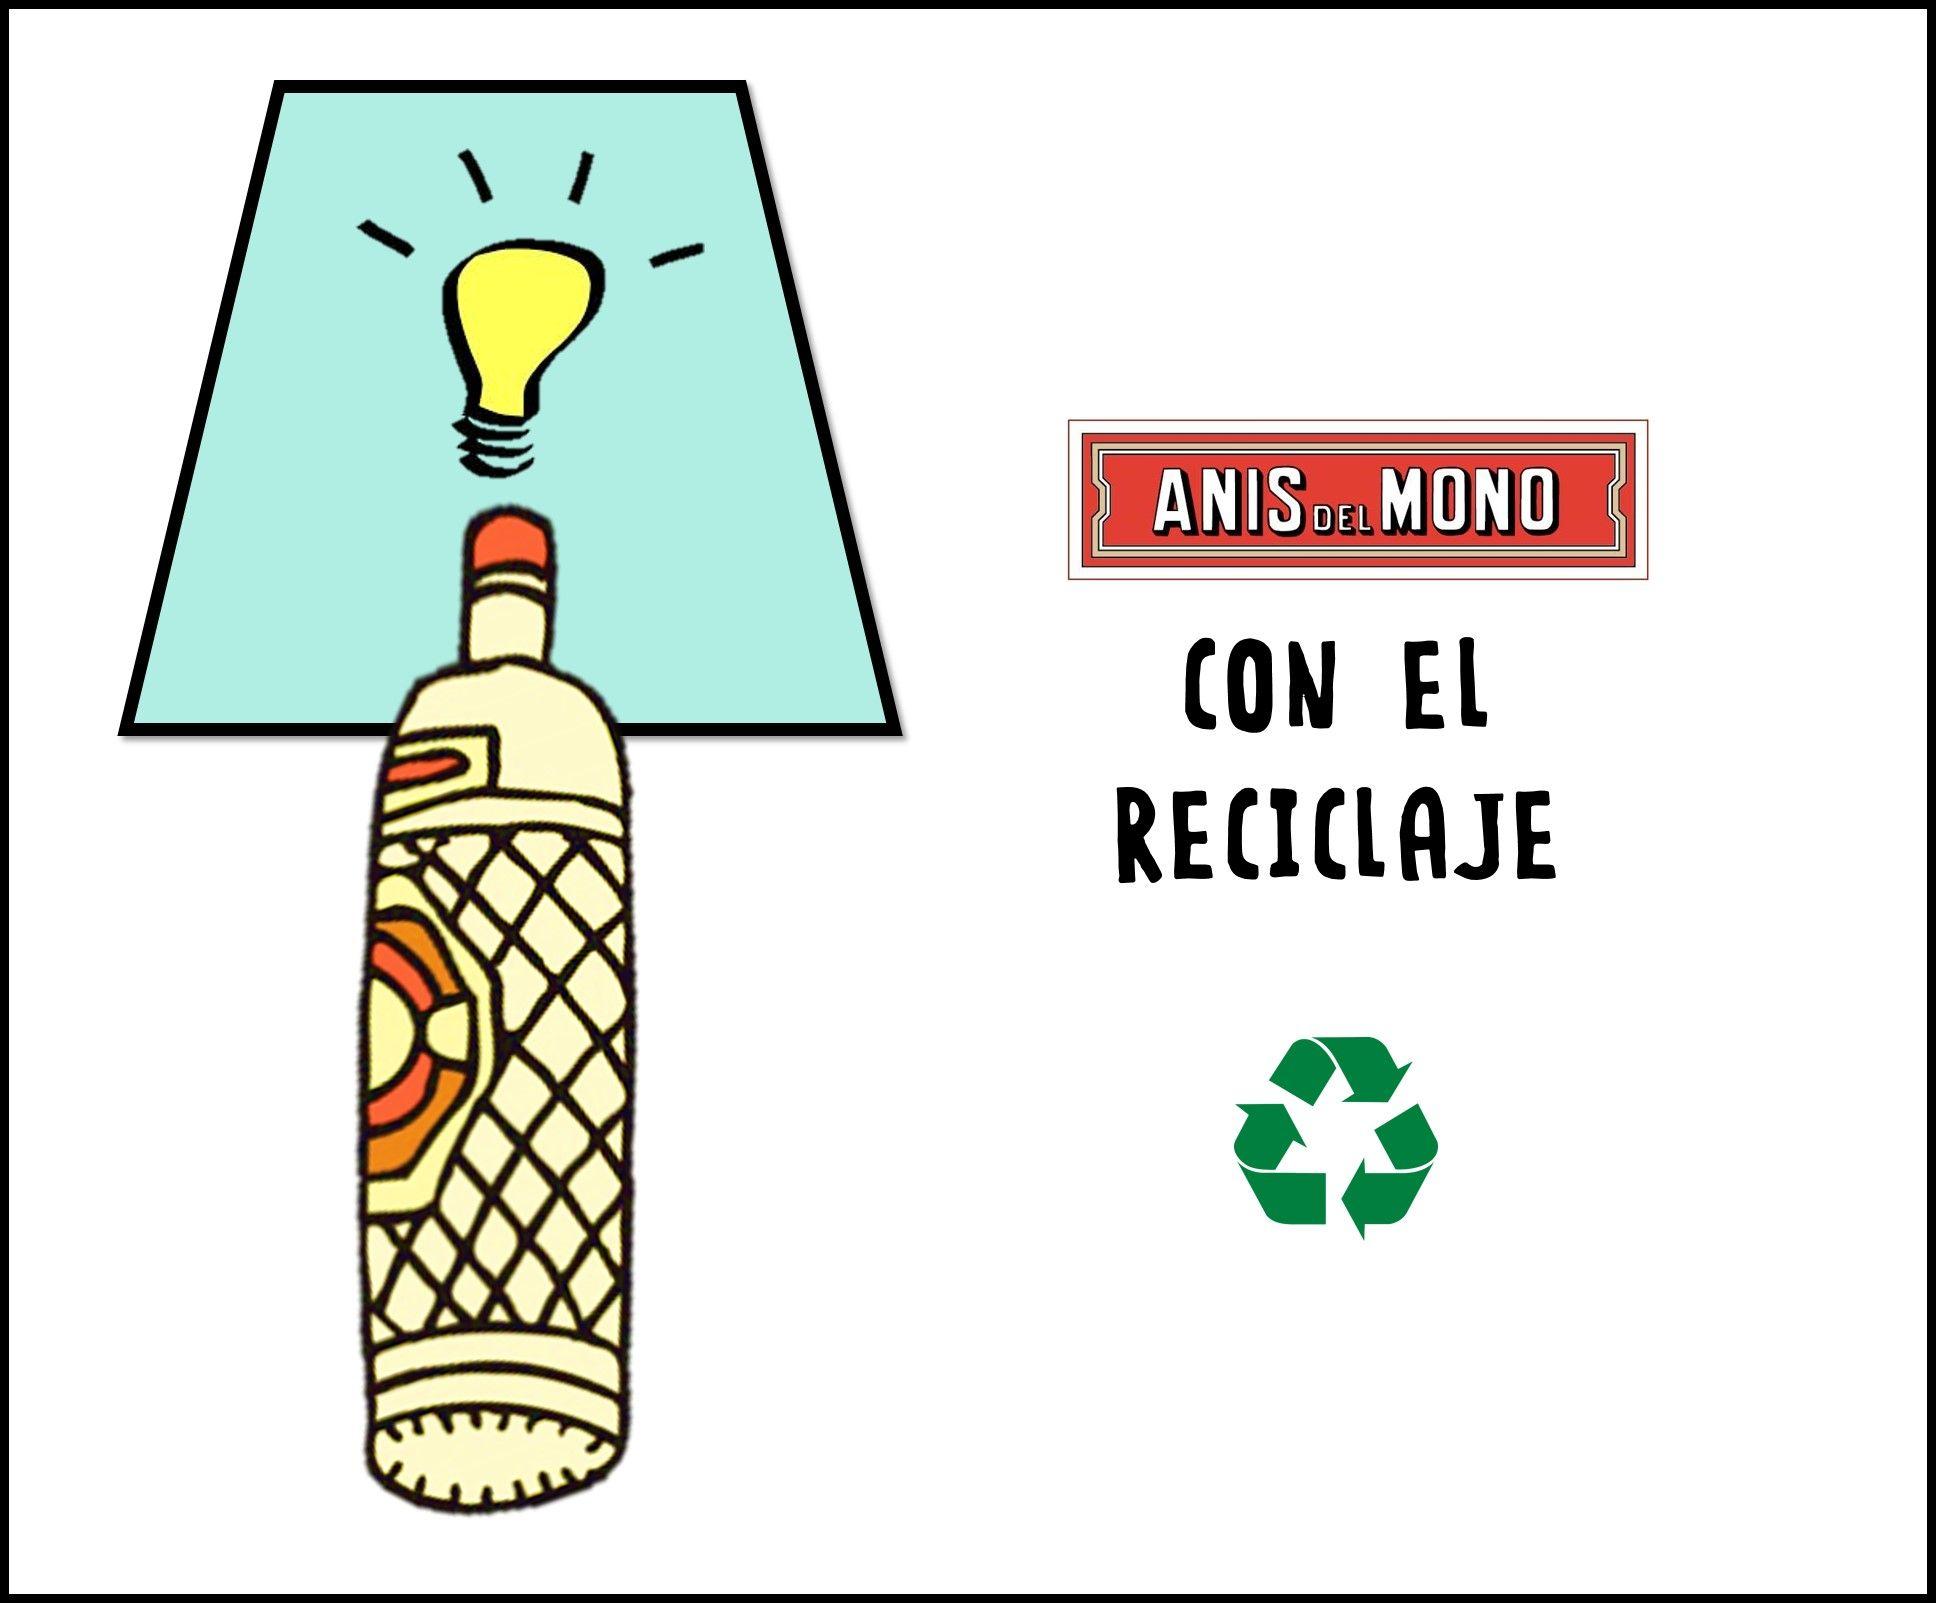 ¿Y si reutilizamos las botellas de #AnísdelMono?¿Se te ocurren ideas para darle un uso diferente y moderno?